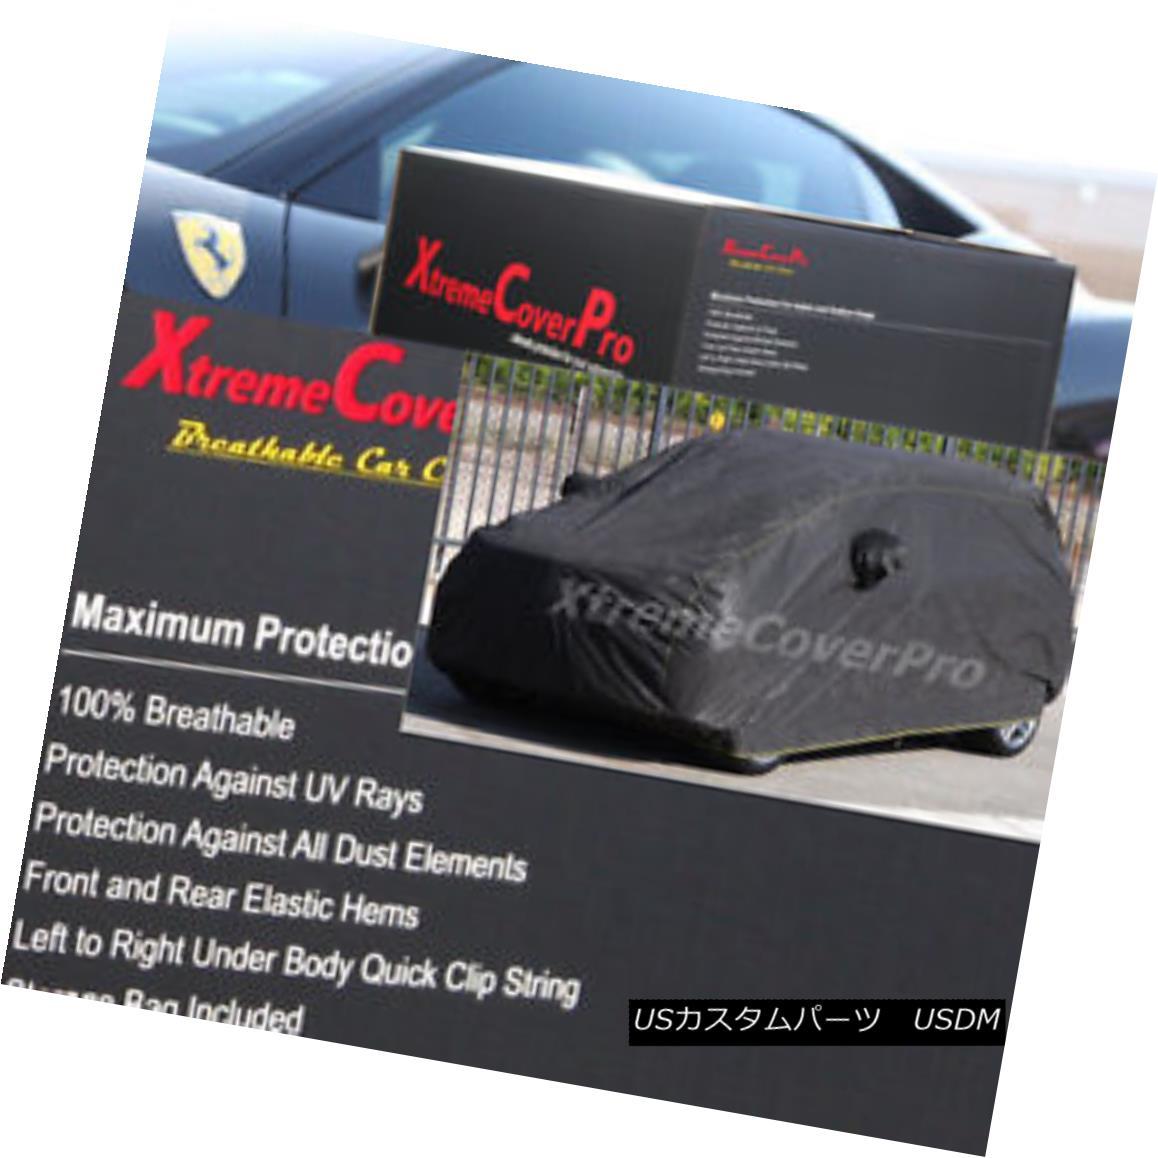 カーカバー 2016 CHRYSLER TOWN & COUNTRY BREATHABLE CAR COVER W/MIRROR POCKET - BLACK 2016 CHRYSLER TOWN& カントリーブレアブルカーカバーワット/ミラーポケット - ブラック